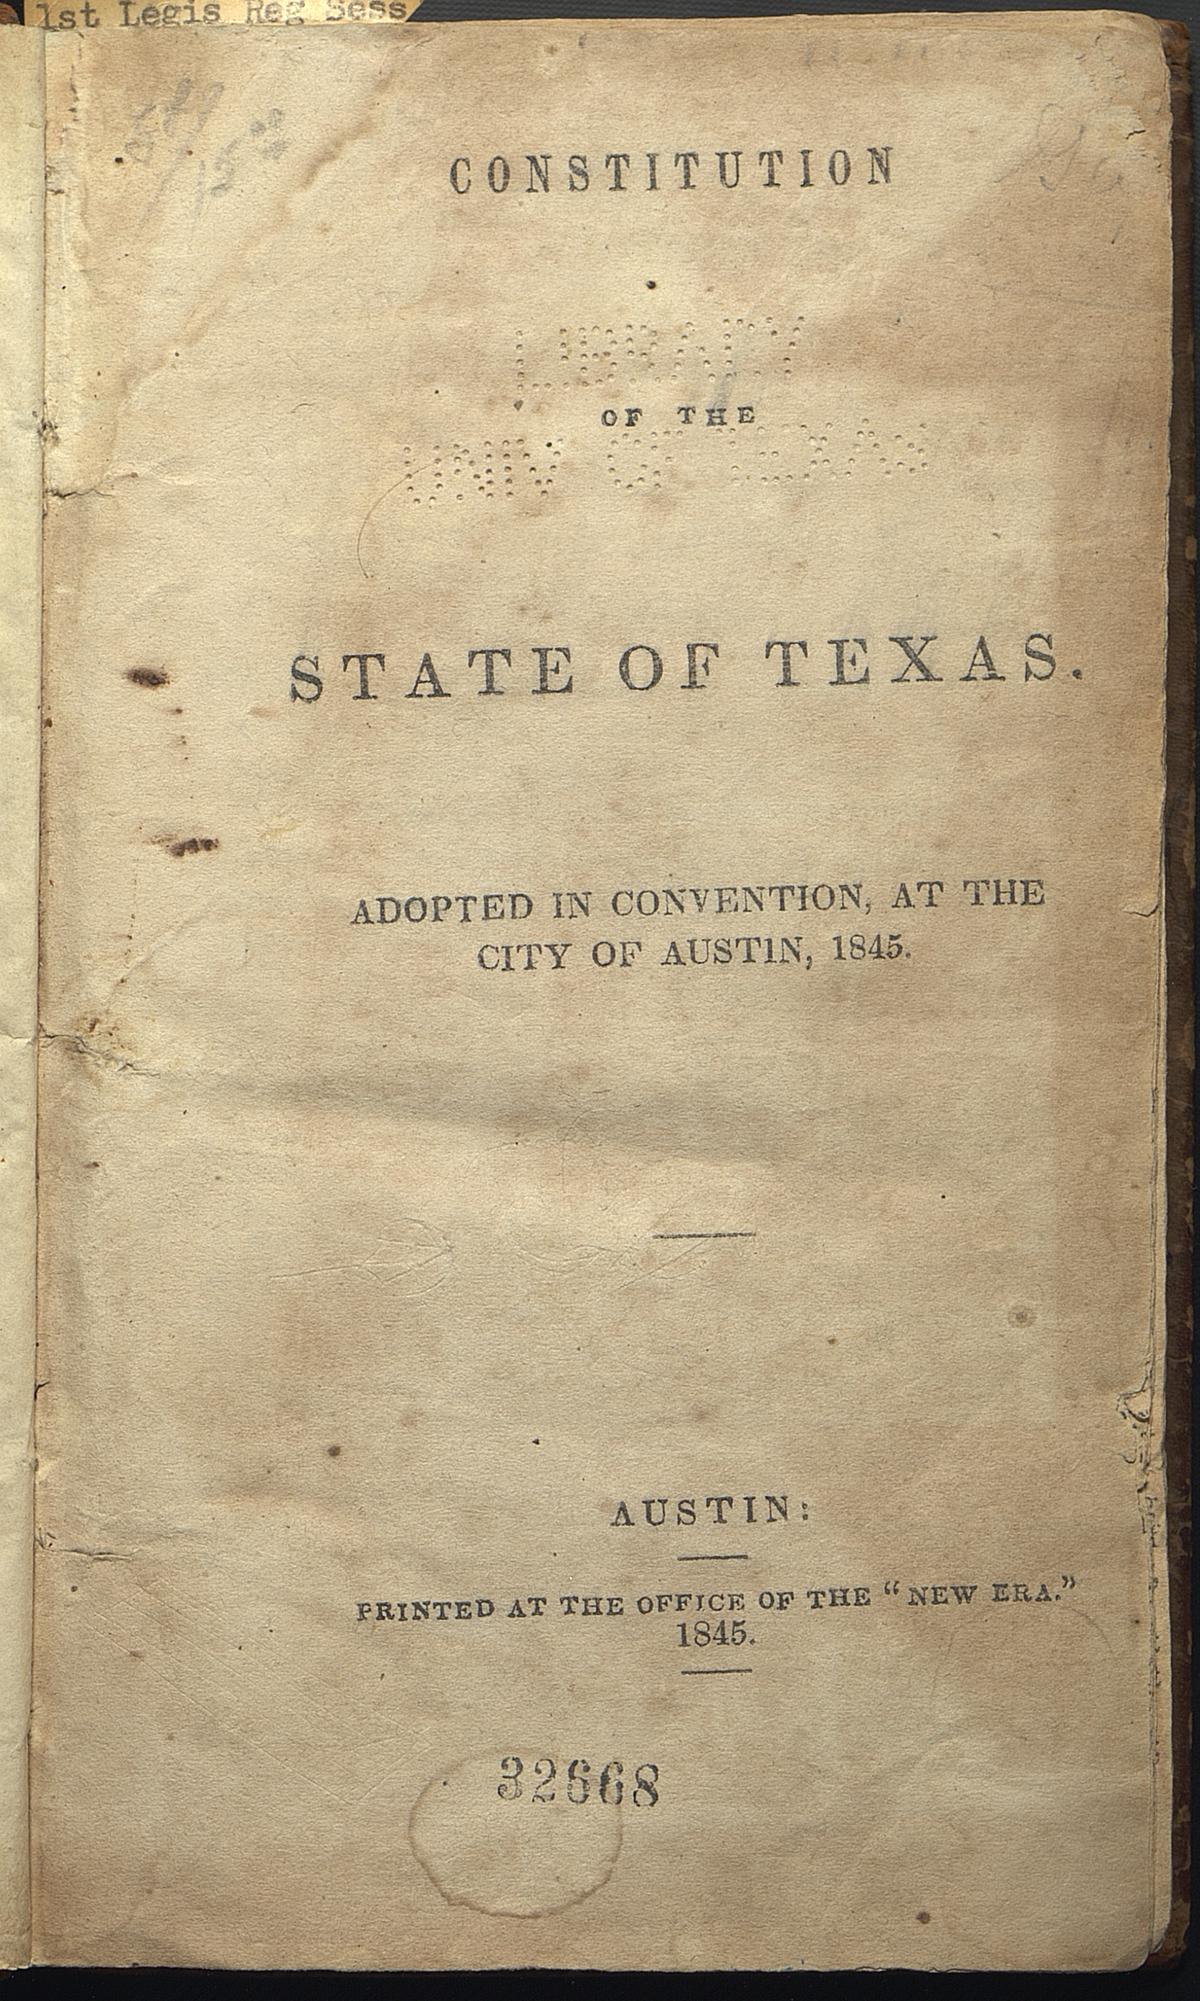 Texas Constitution of 1845